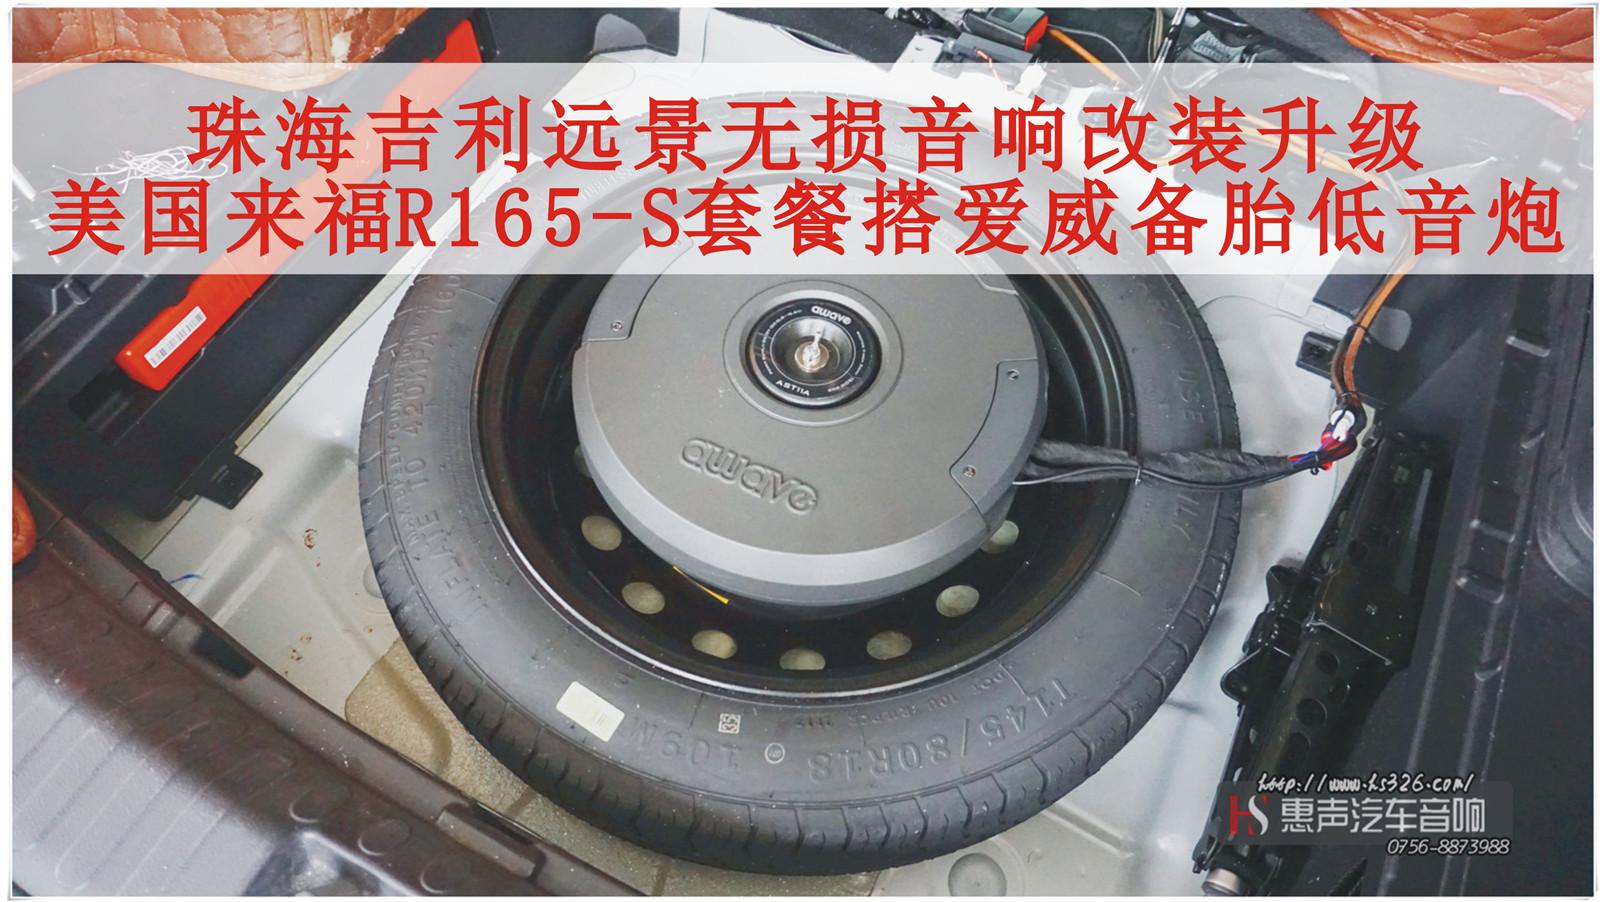 珠海吉利远景无损音响改装升级,美国来福R165-S无损音响改装套餐搭配爱威AST11A备胎低音炮